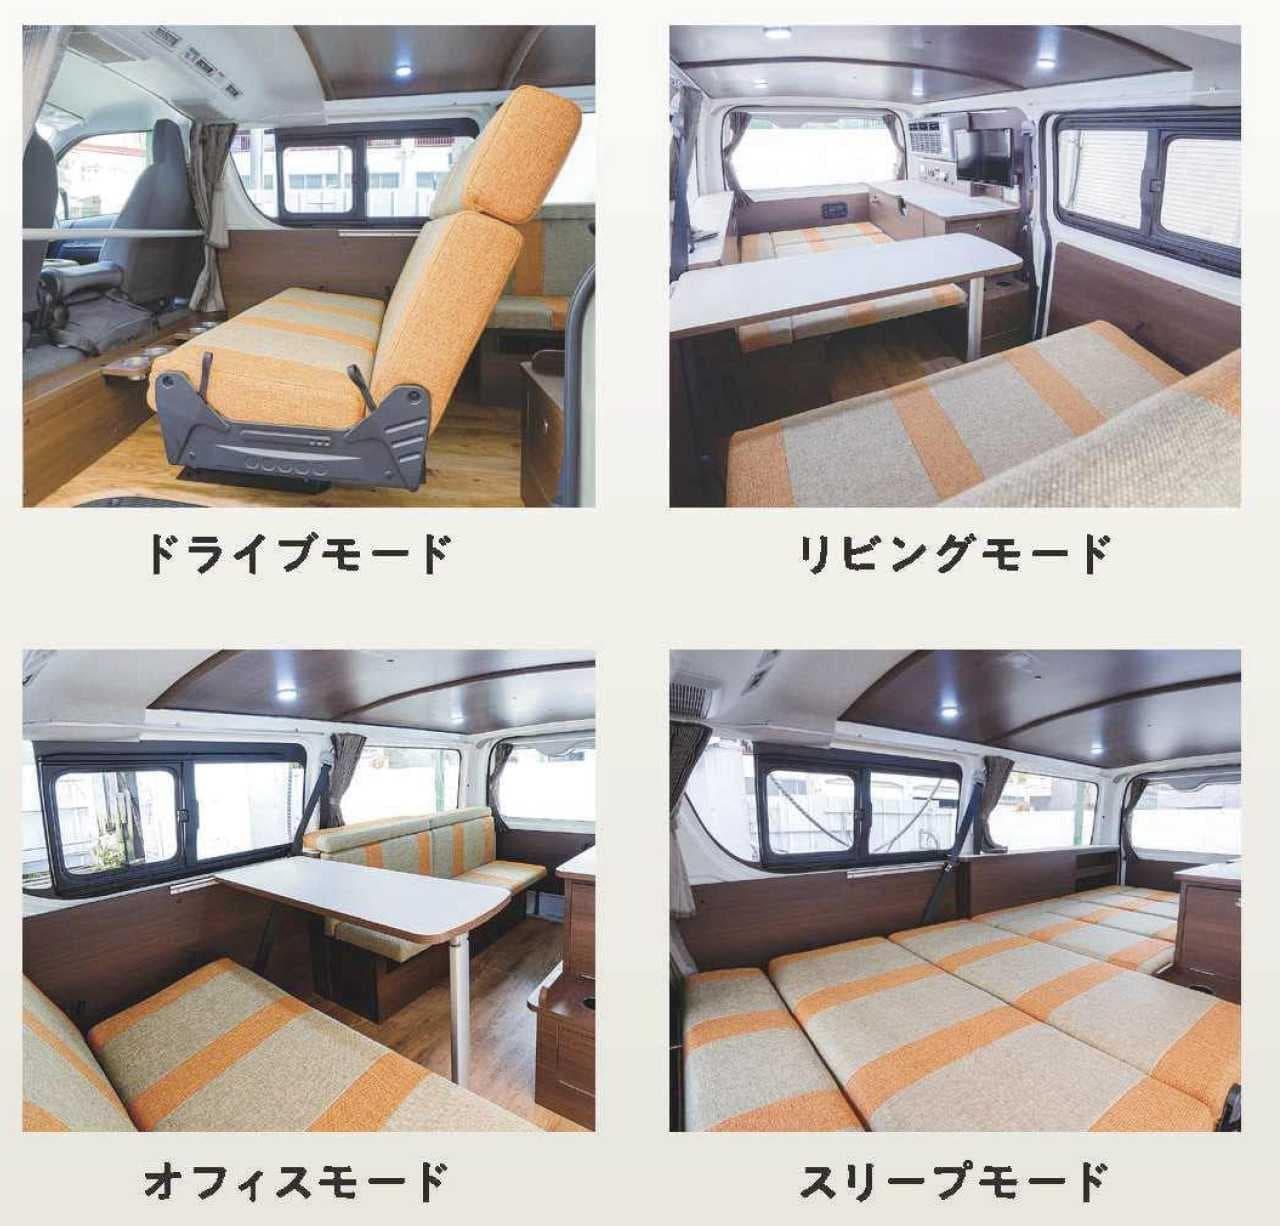 トヨタ「ハイエース バン」ベースのキャンピングカー「KT CRUISER」 鹿児島トヨタ自動車が8月下旬に発売